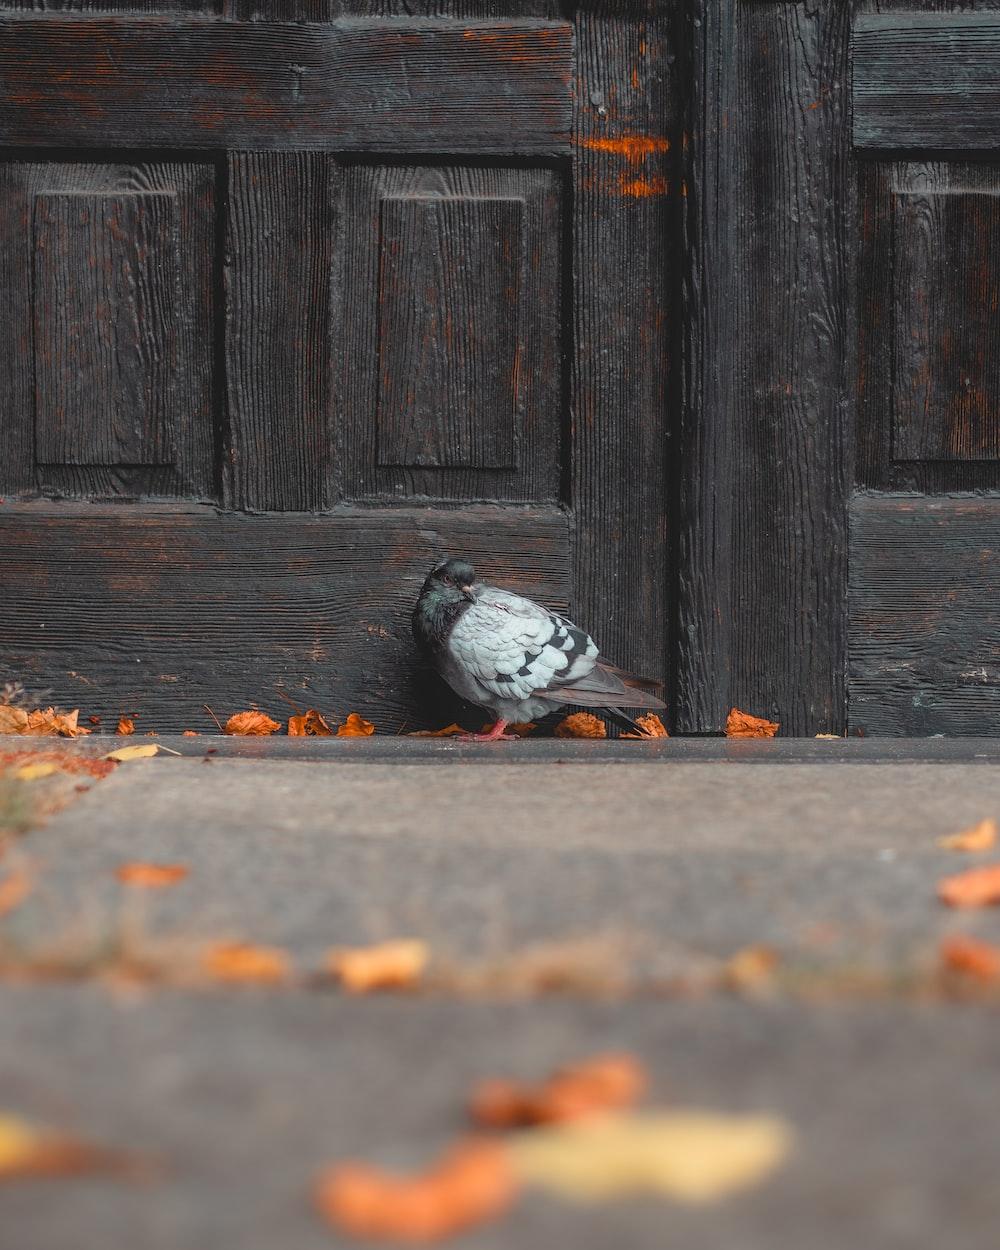 white and black bird on gray concrete floor